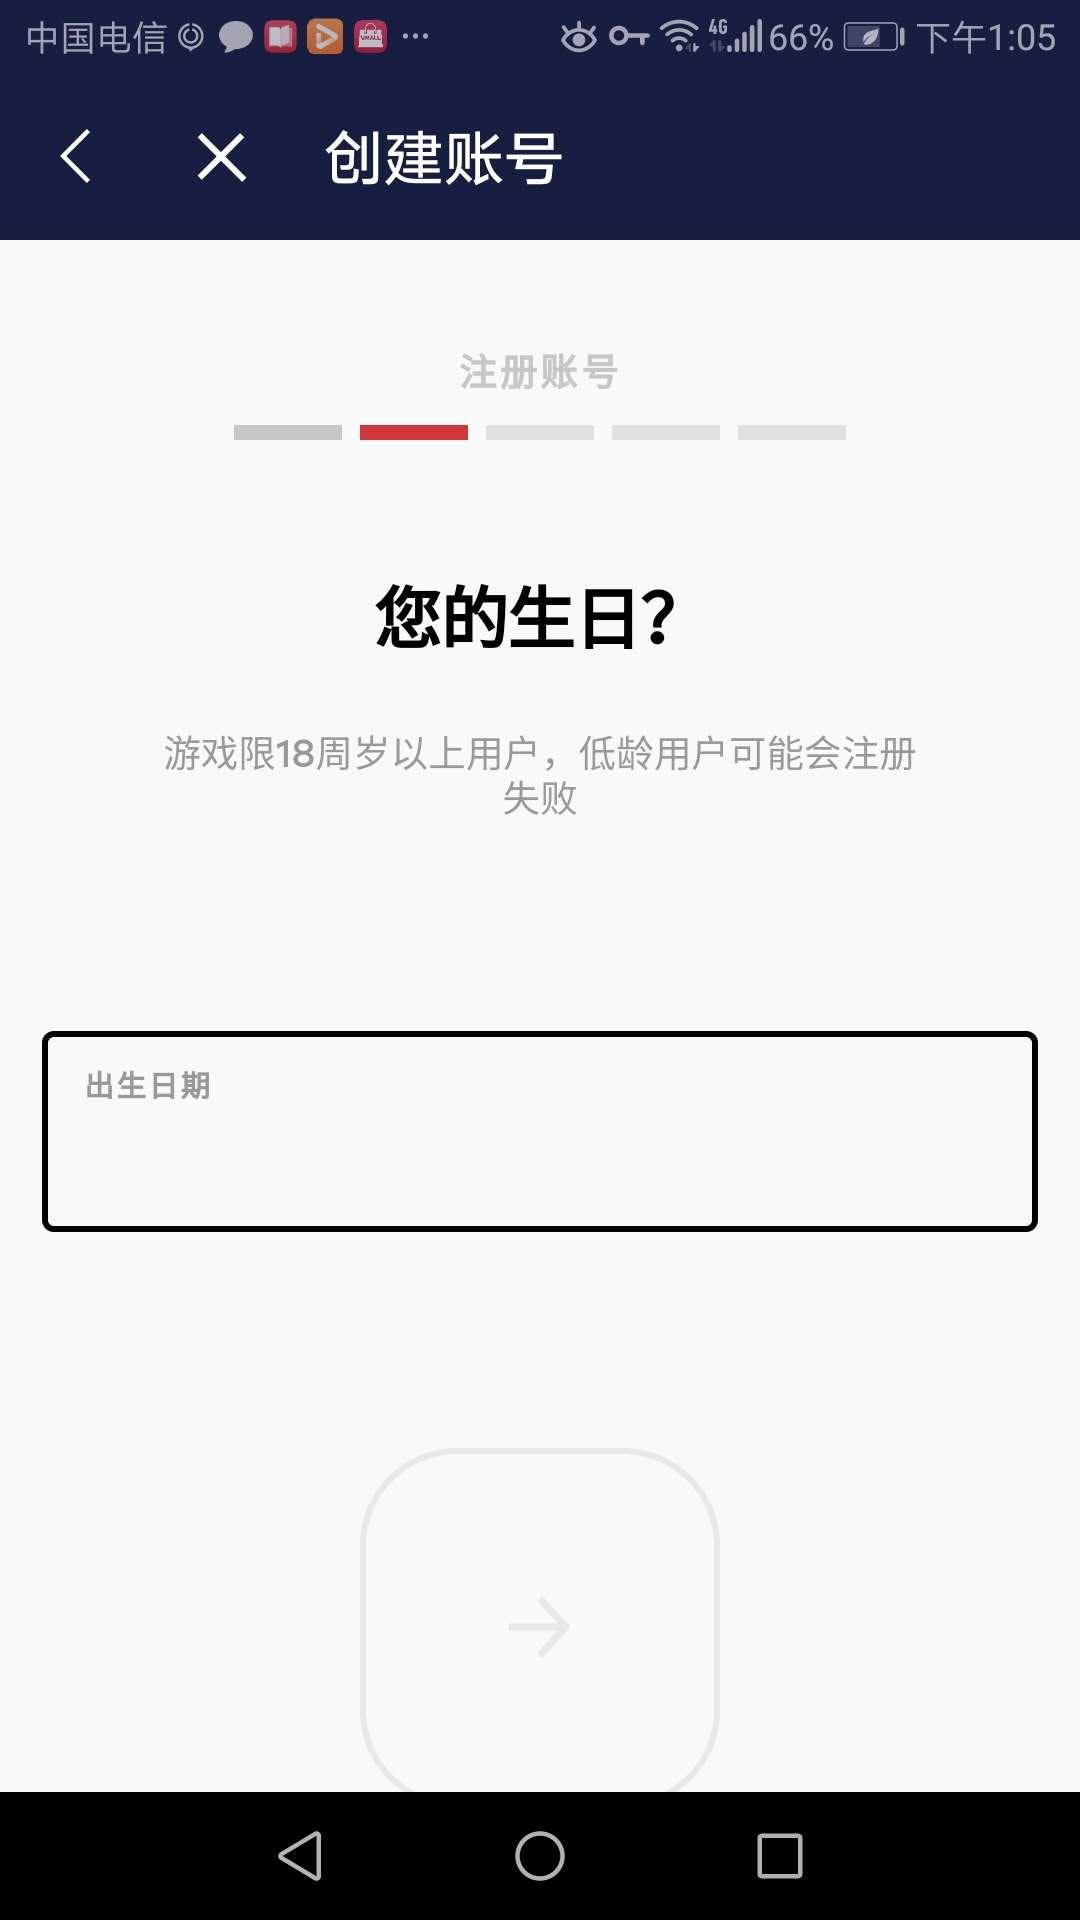 英雄联盟LOLV1.0 英雄联盟手游账号注册